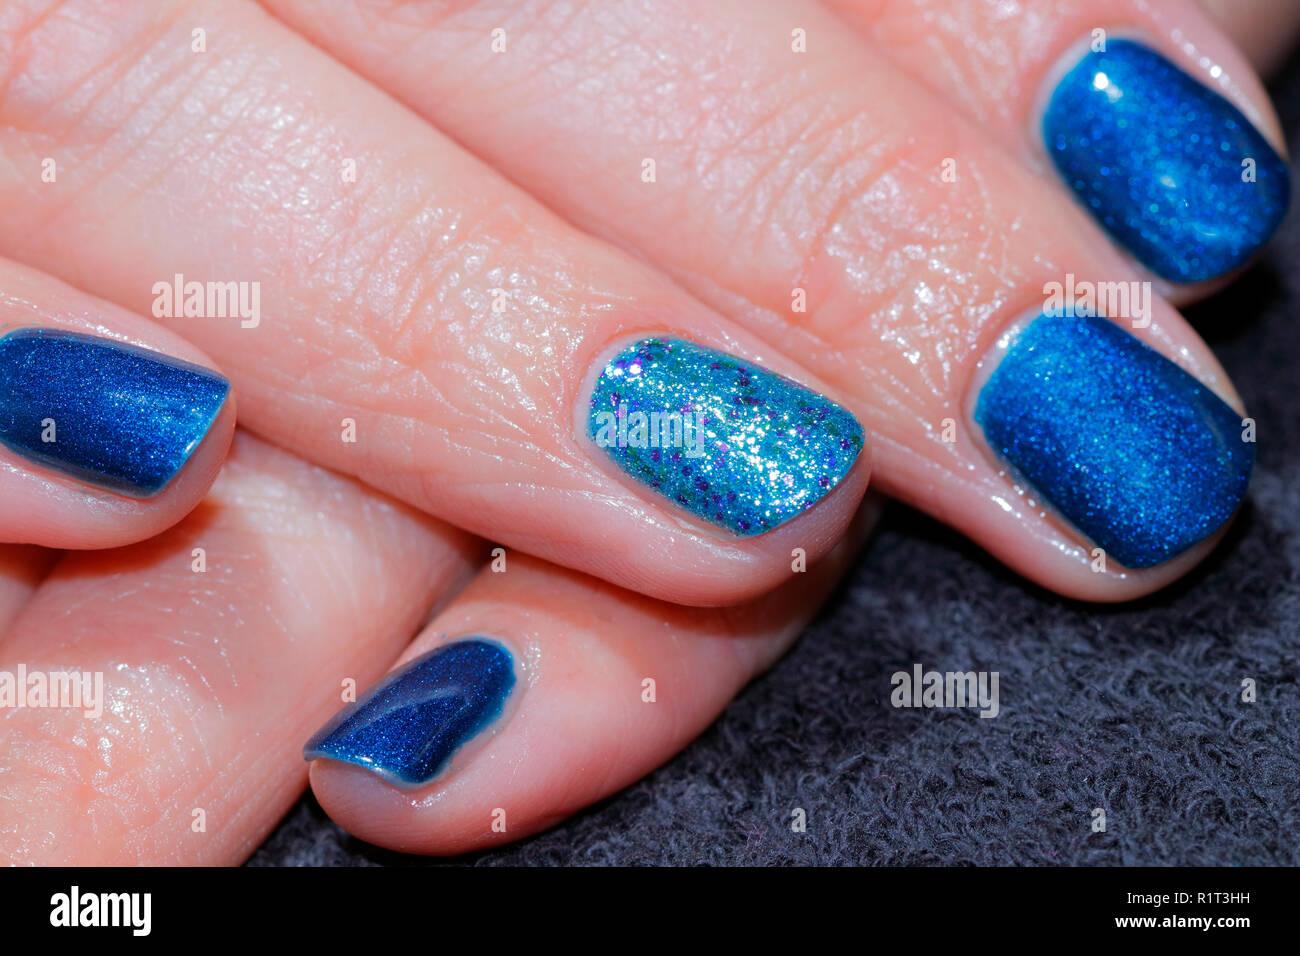 Chispeante glitter azul uñas después sólo se aplica en un salón de uñas. Foto de stock